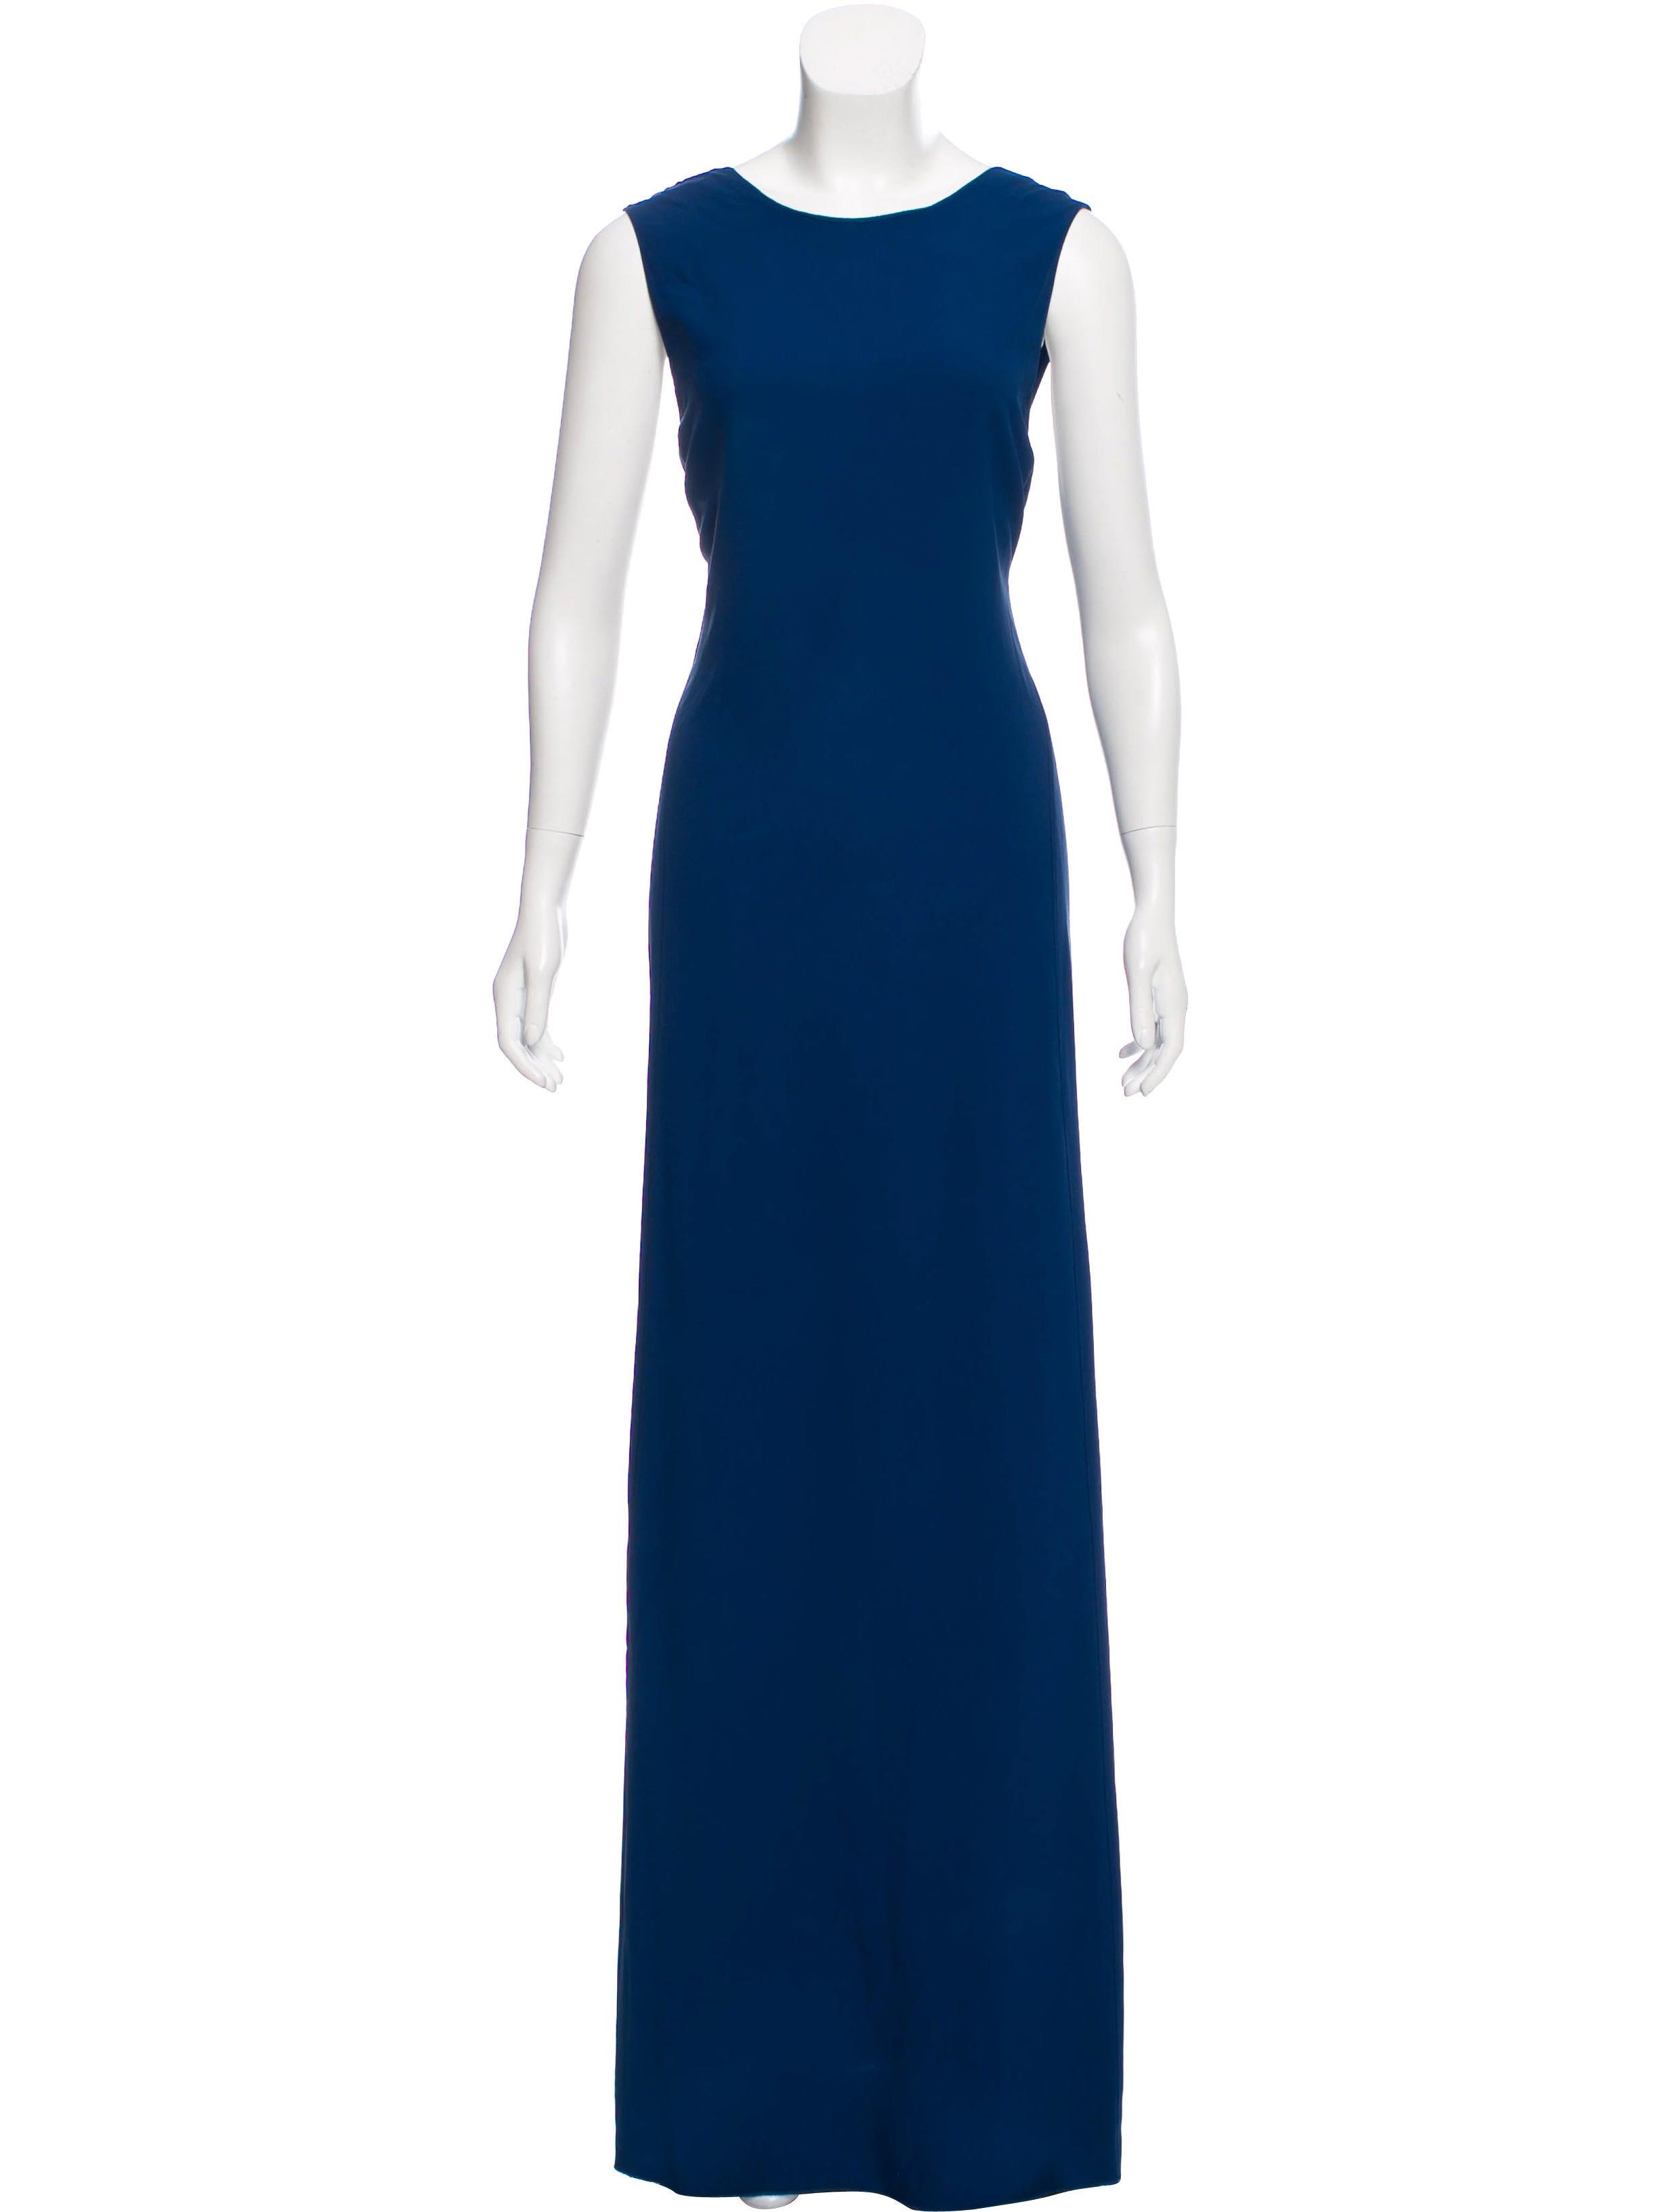 Calvin Klein Collection Pirallahi Island Evening Dress - Clothing ...